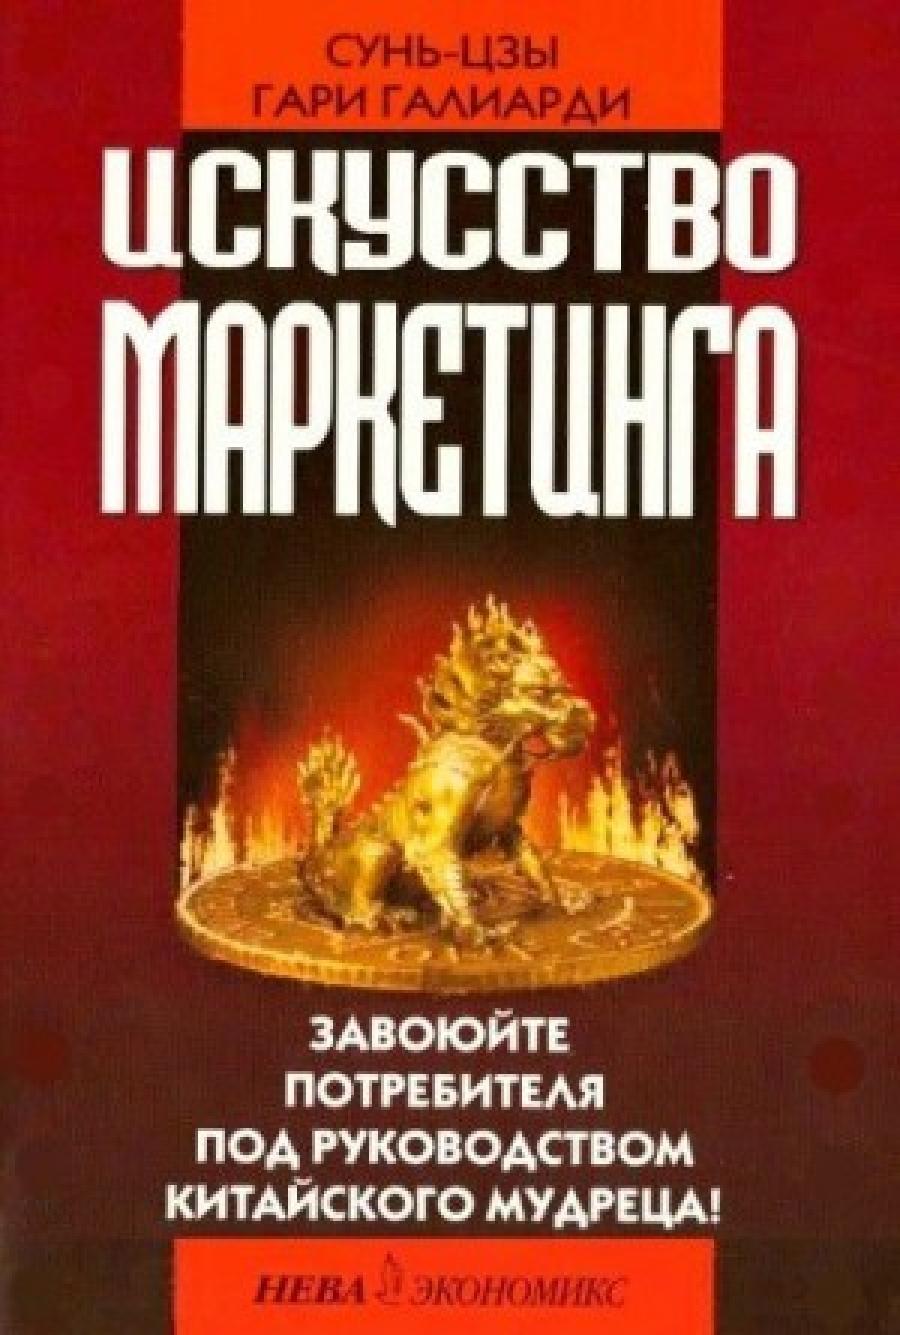 Обложка книги:  сунь-цзы, гари галиарди - искусство войны и искусство управления